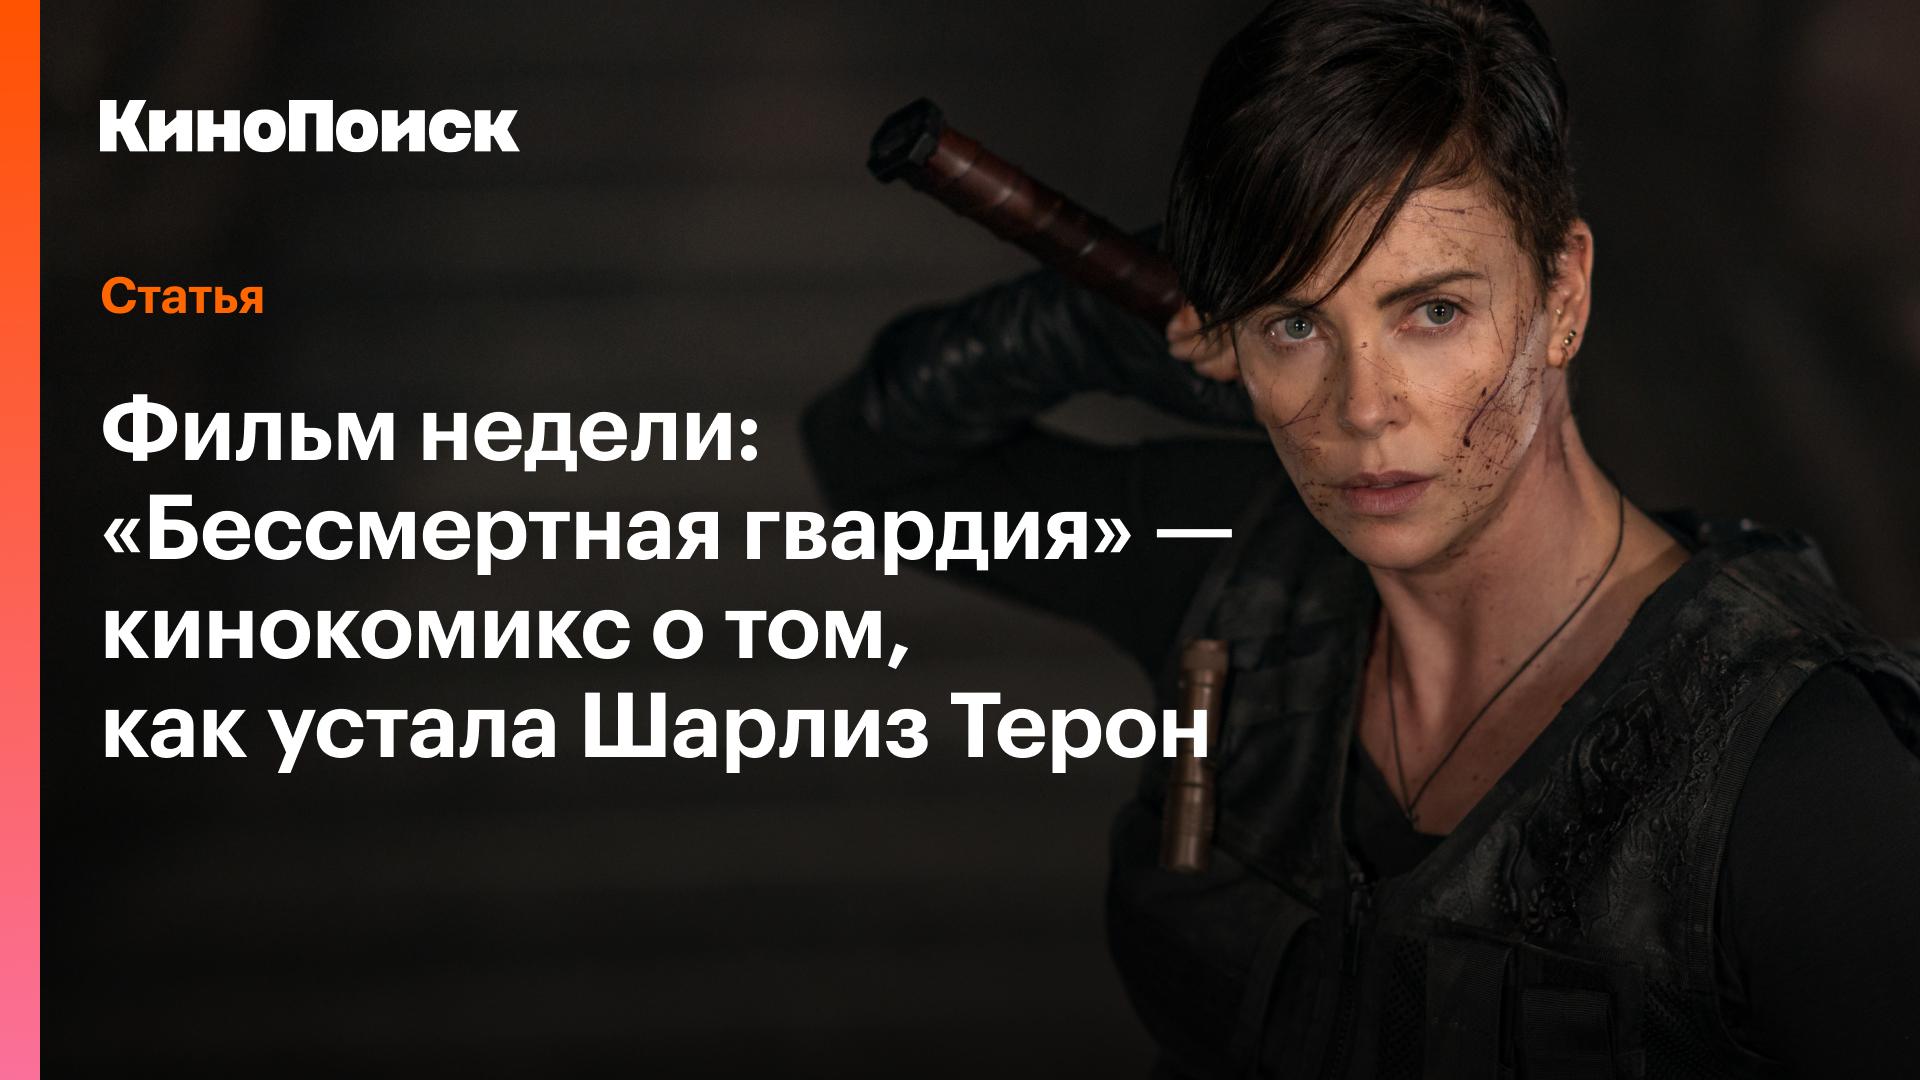 Фильм недели: «Бессмертная гвардия»— кинокомикс отом, как устала Шарлиз Терон — Статьи на КиноПоиске